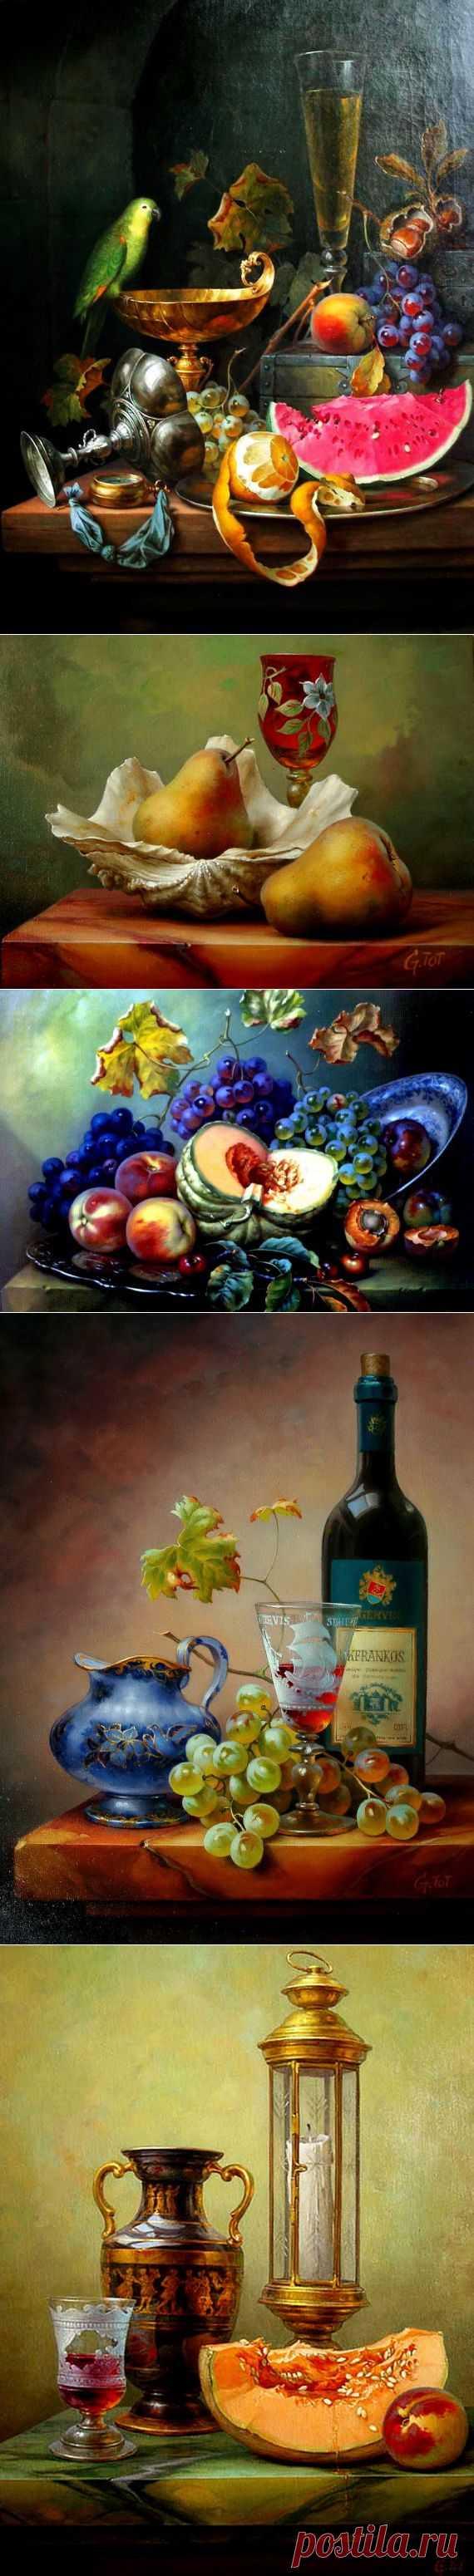 Натюрморты с вином и фруктами от венгерского художника Габора Тота. / Картинки для декупажа / PassionForum - мастер-классы по рукоделию